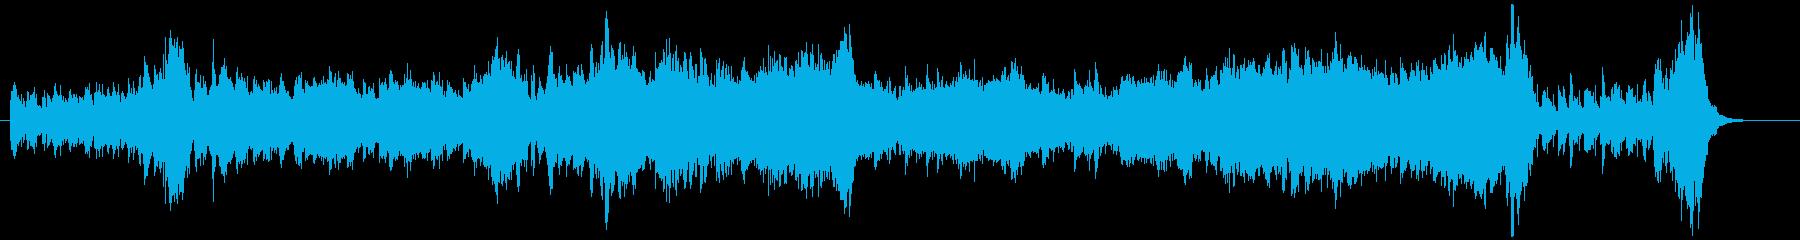 弦楽器の華やかなオープニングの再生済みの波形